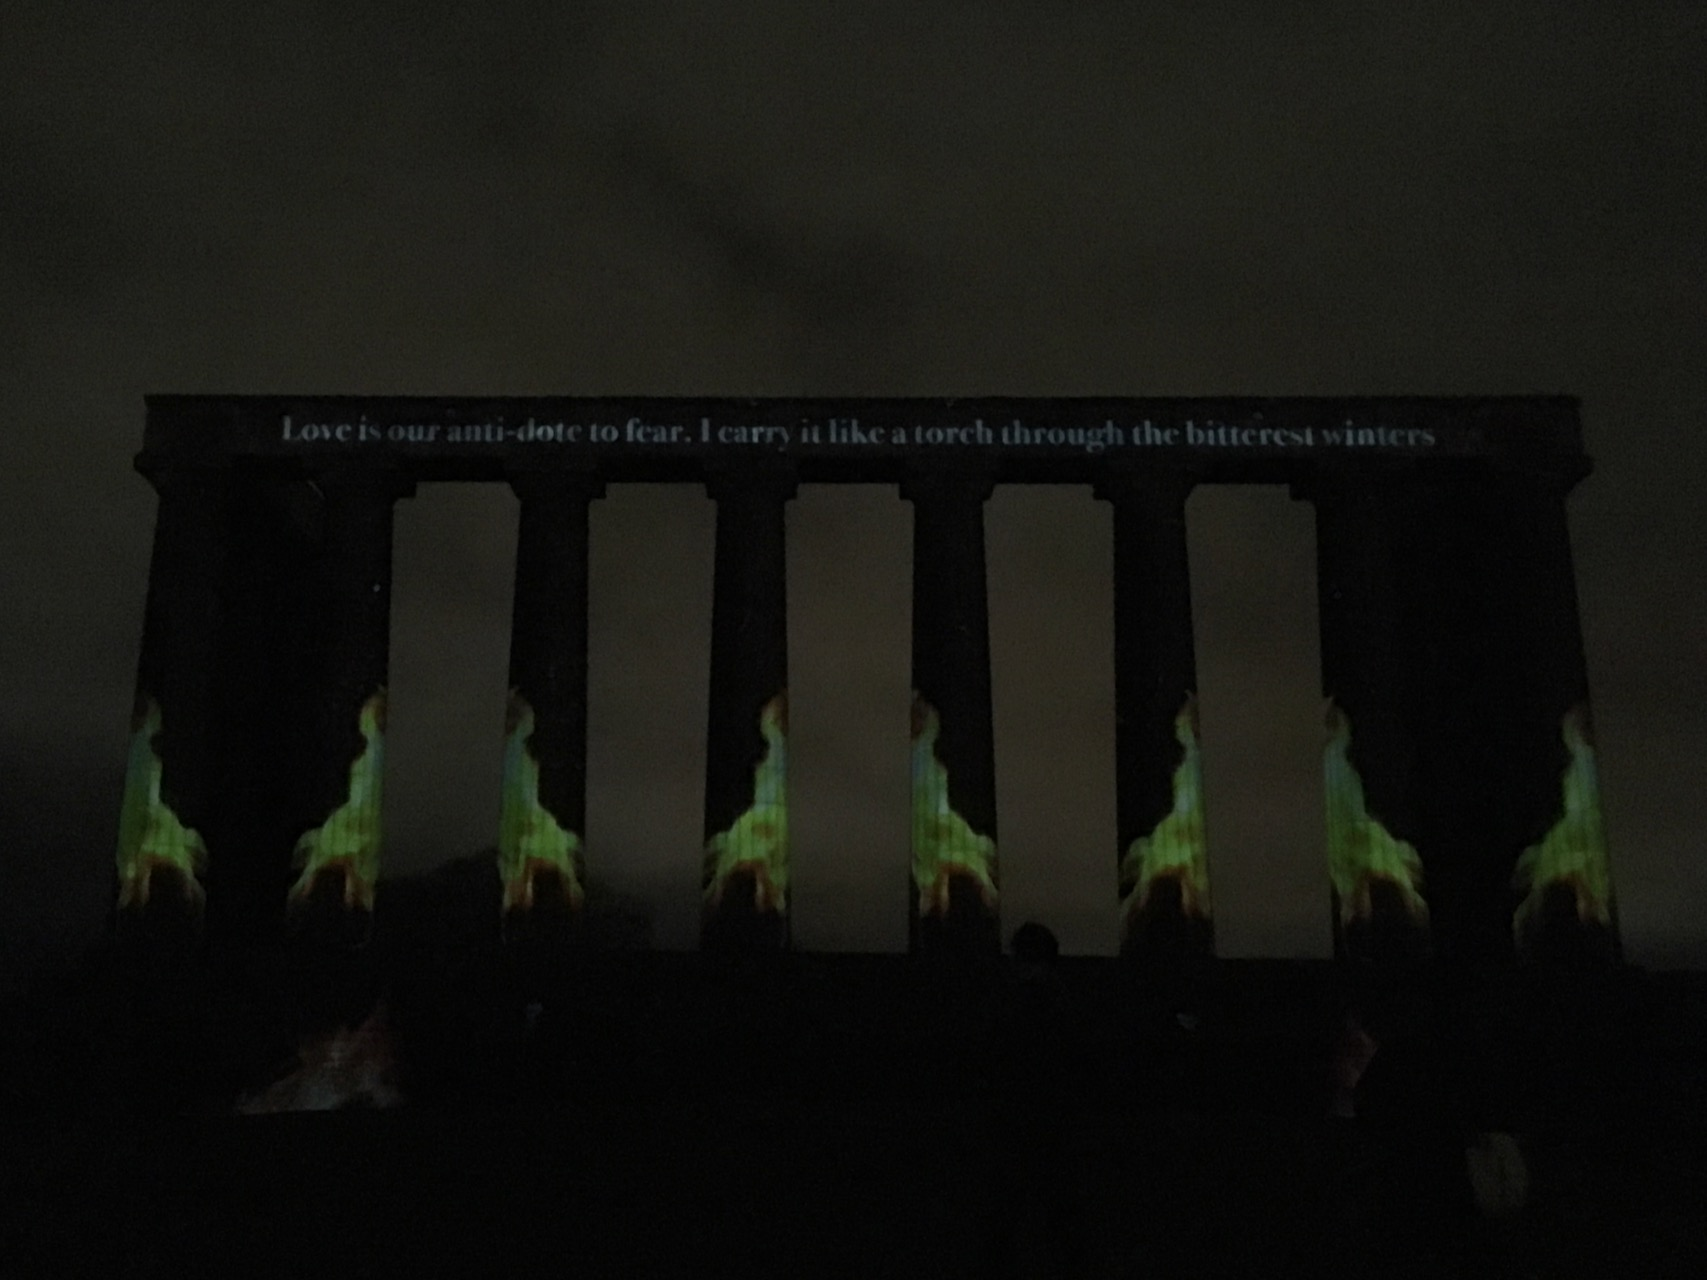 一月的Message from the Skies也是新年活动的一部分,会在不同的建筑上用灯光投射一些关于苏格兰的美文